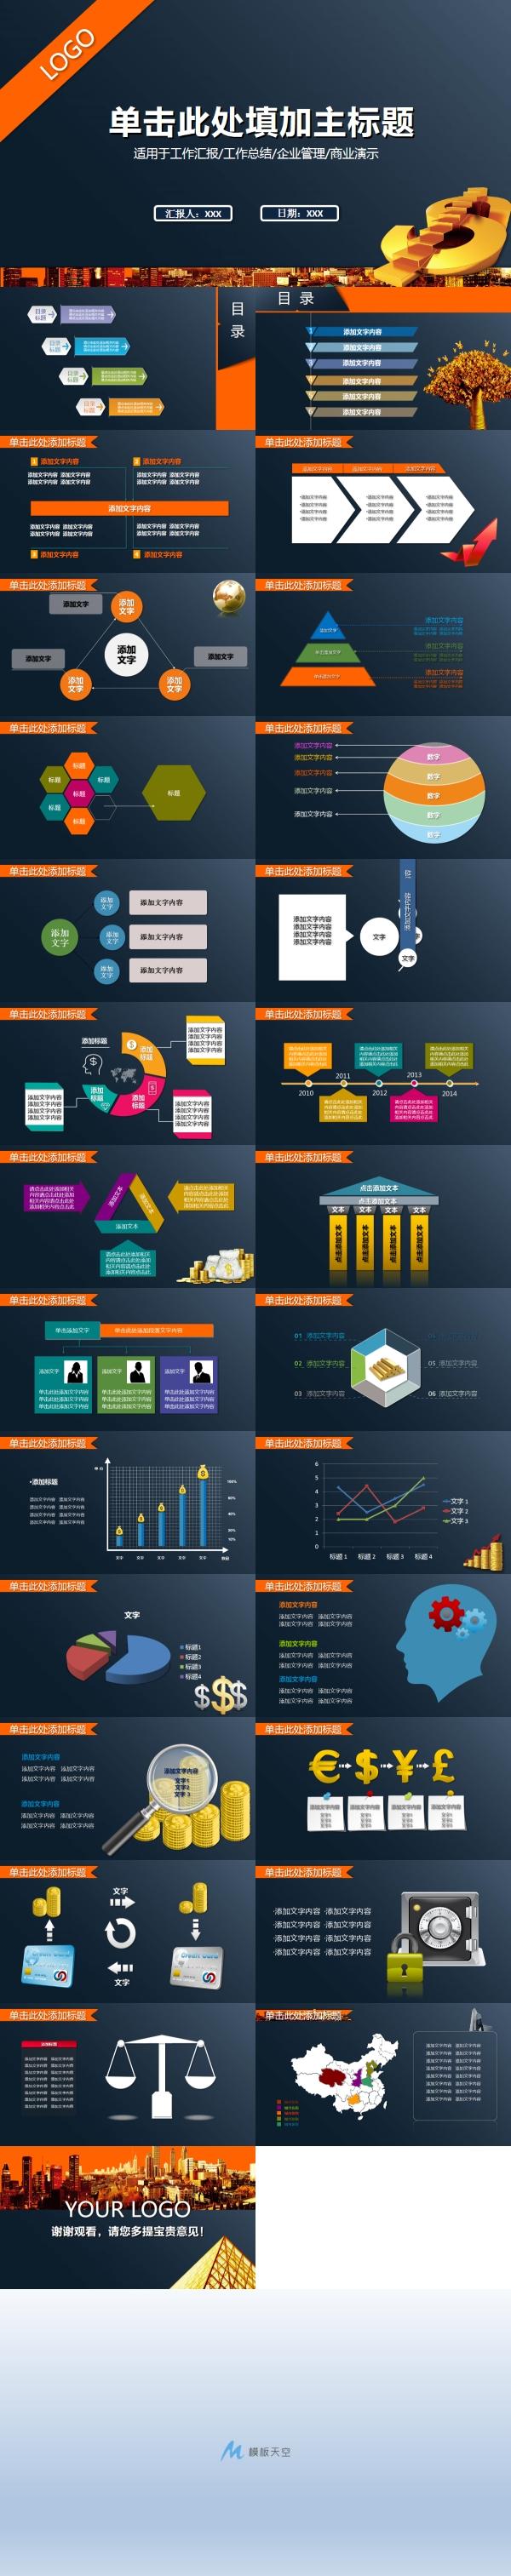 绅士风度商务年度总结报告PPT模板